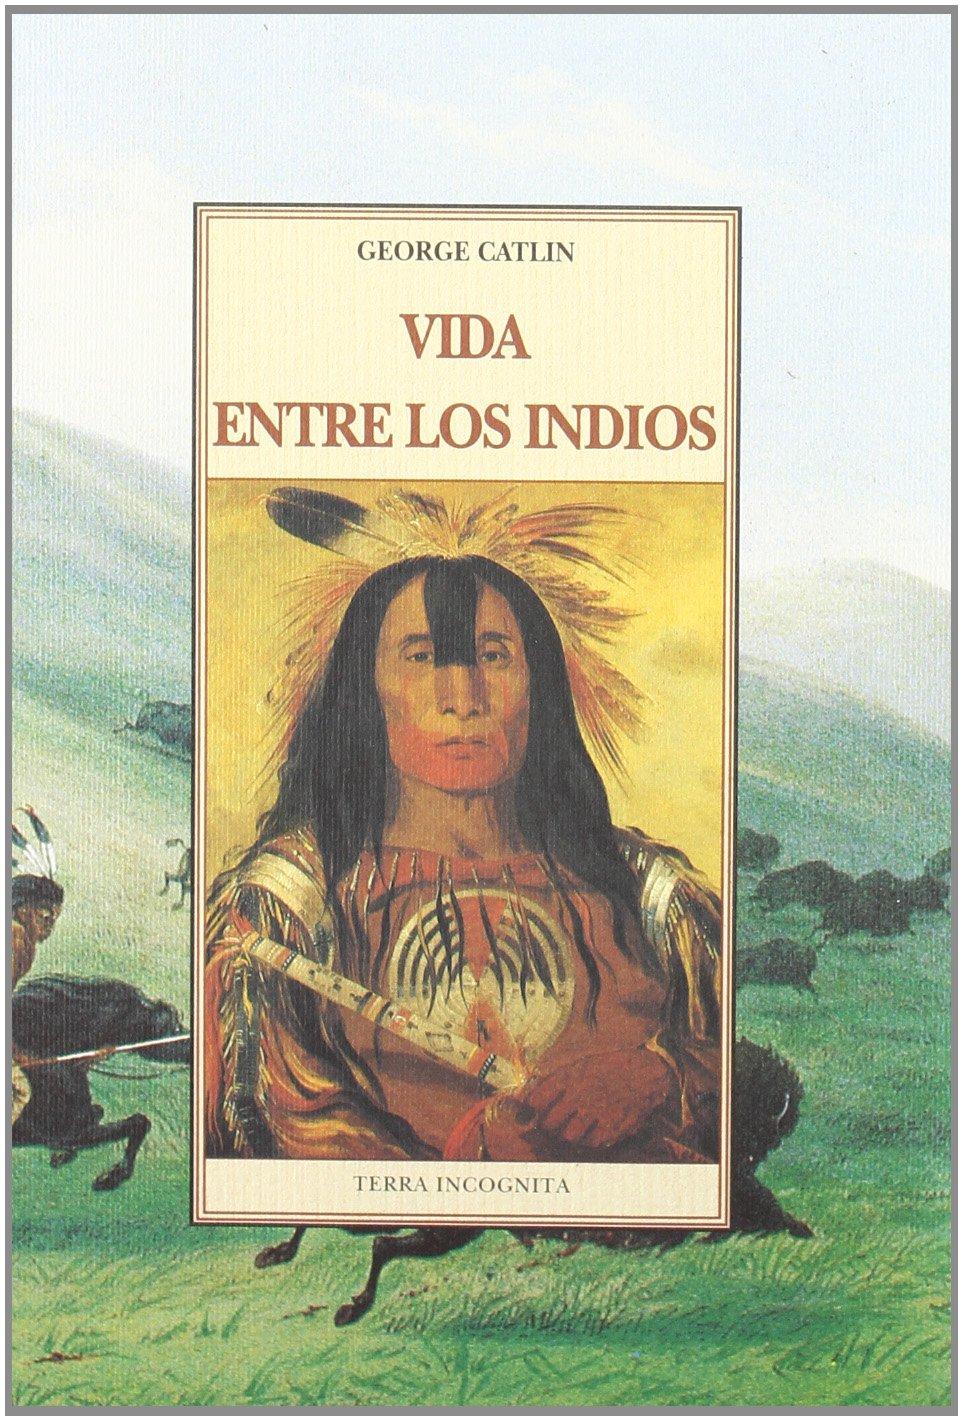 Vida entre los indios Tapa blanda – 20 sep 2000 George Catlin Jose Olañeta Editor 8476518765 History / General